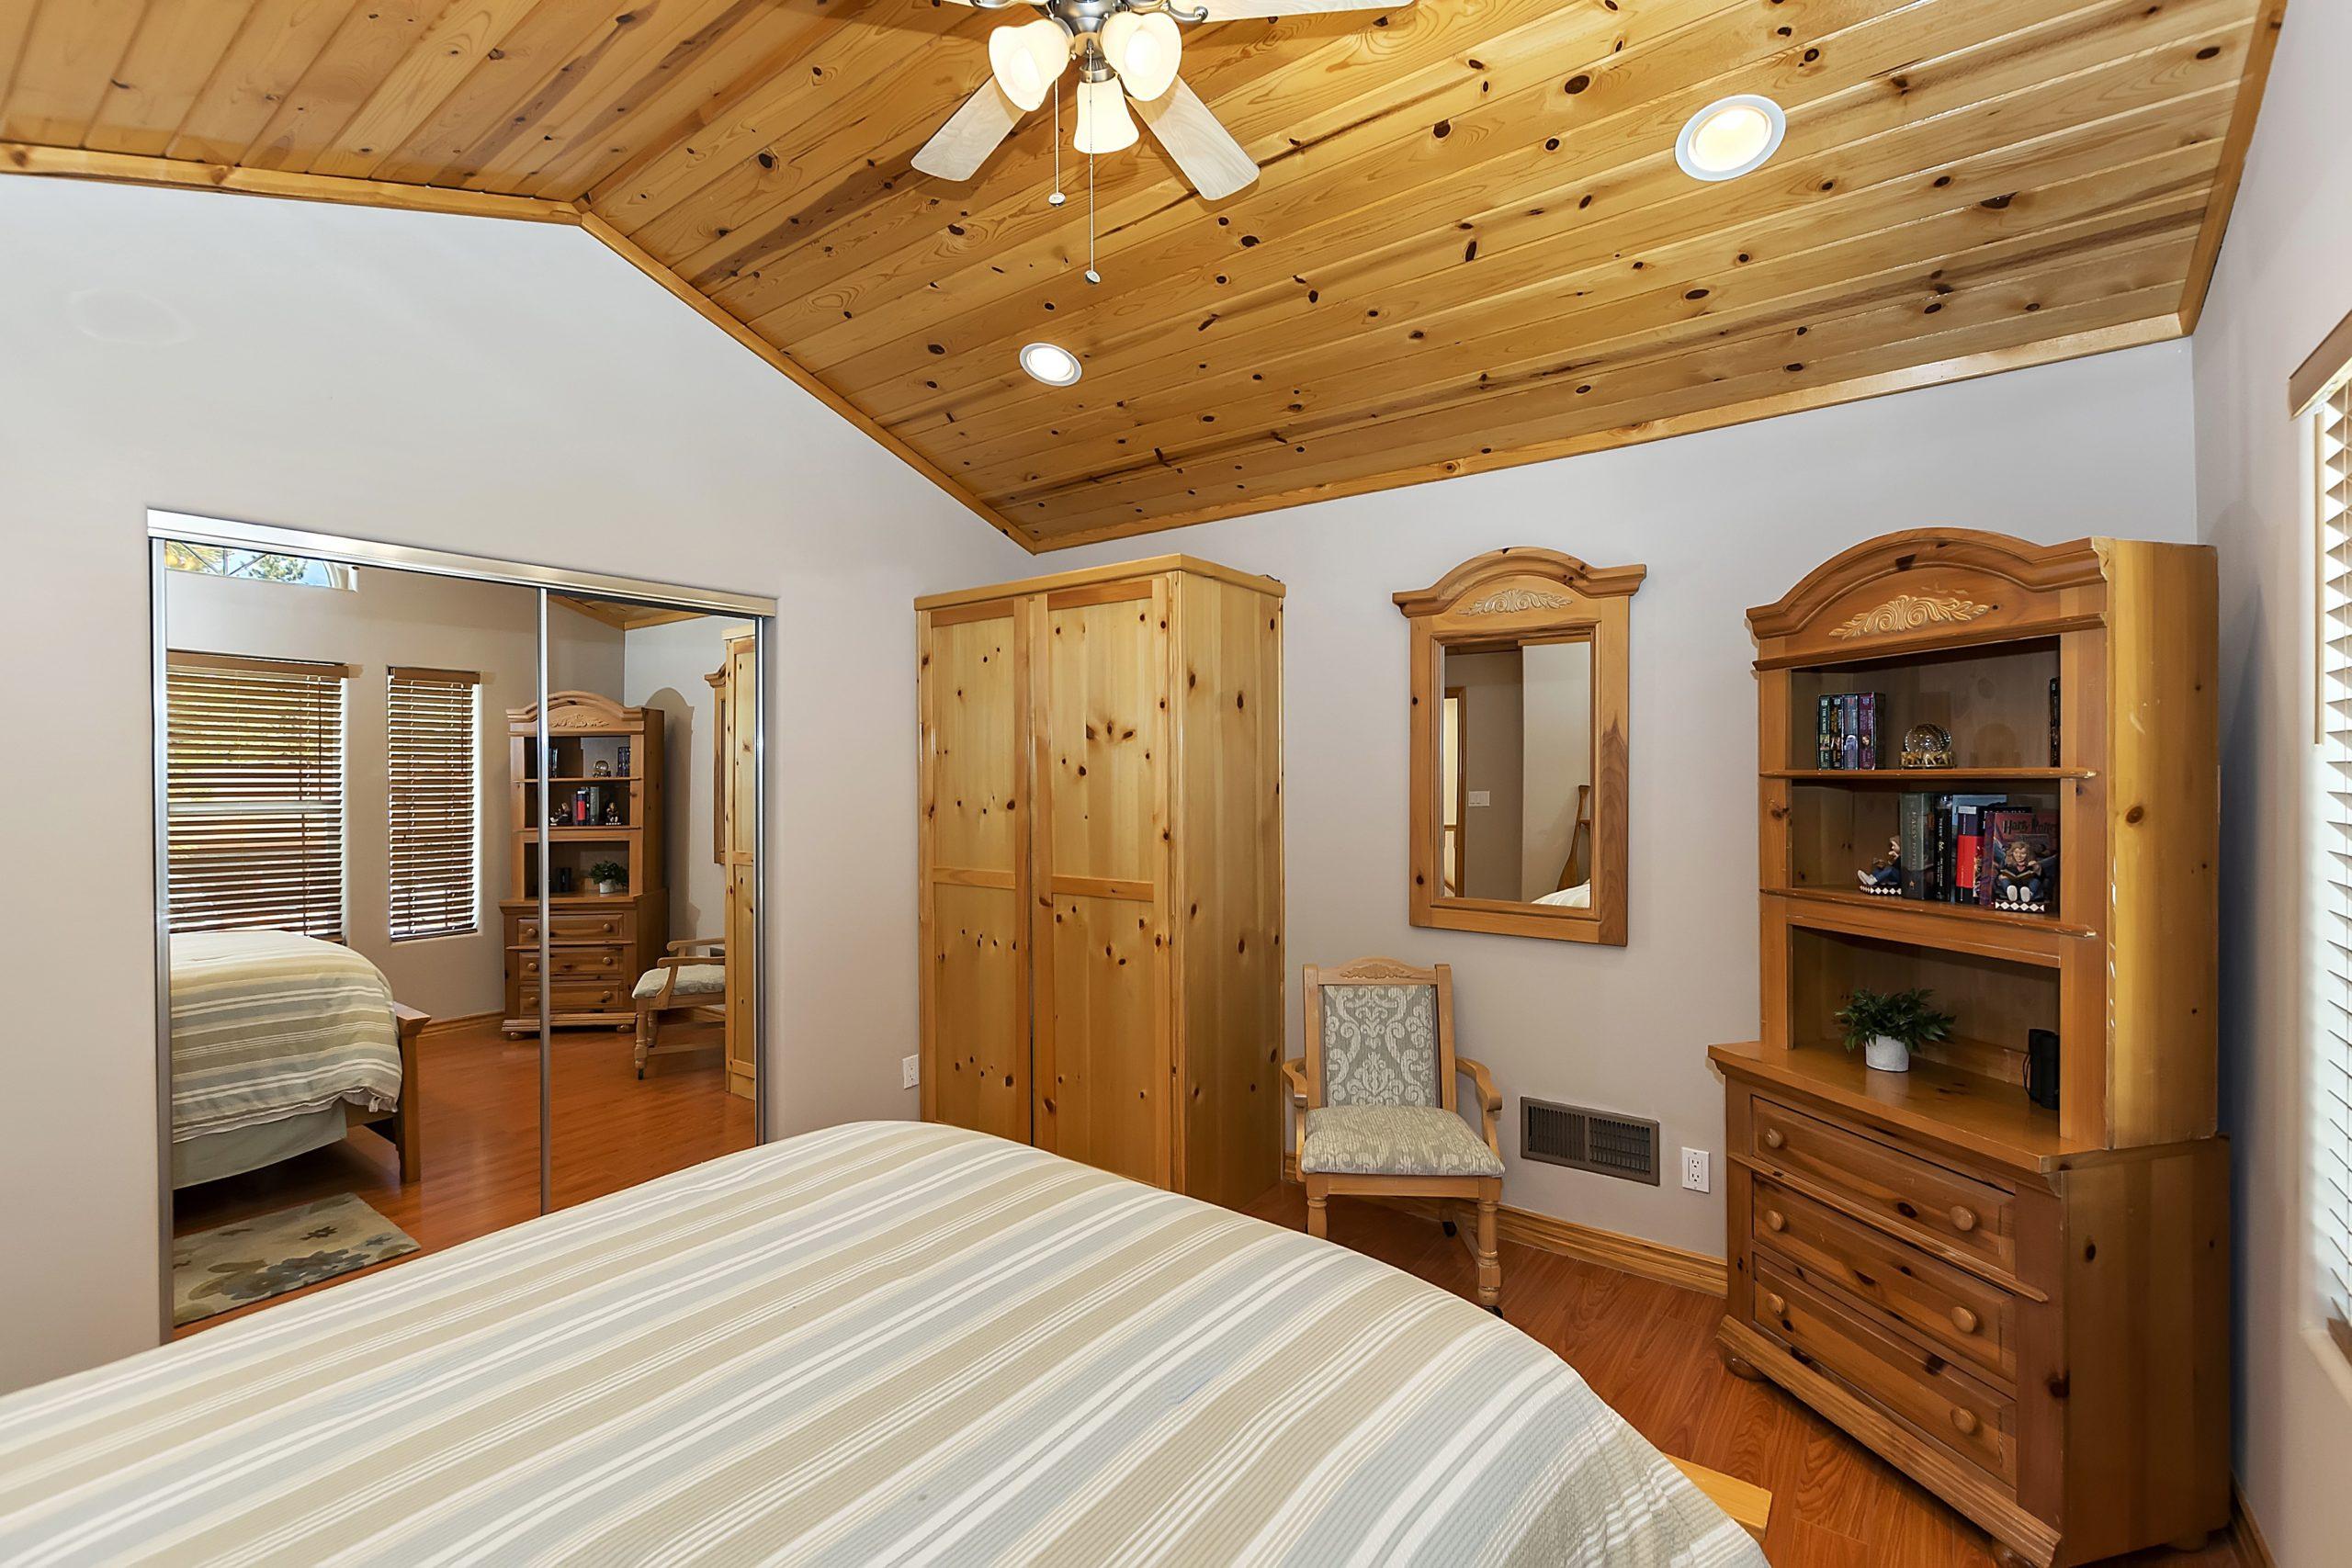 028_Bedroom